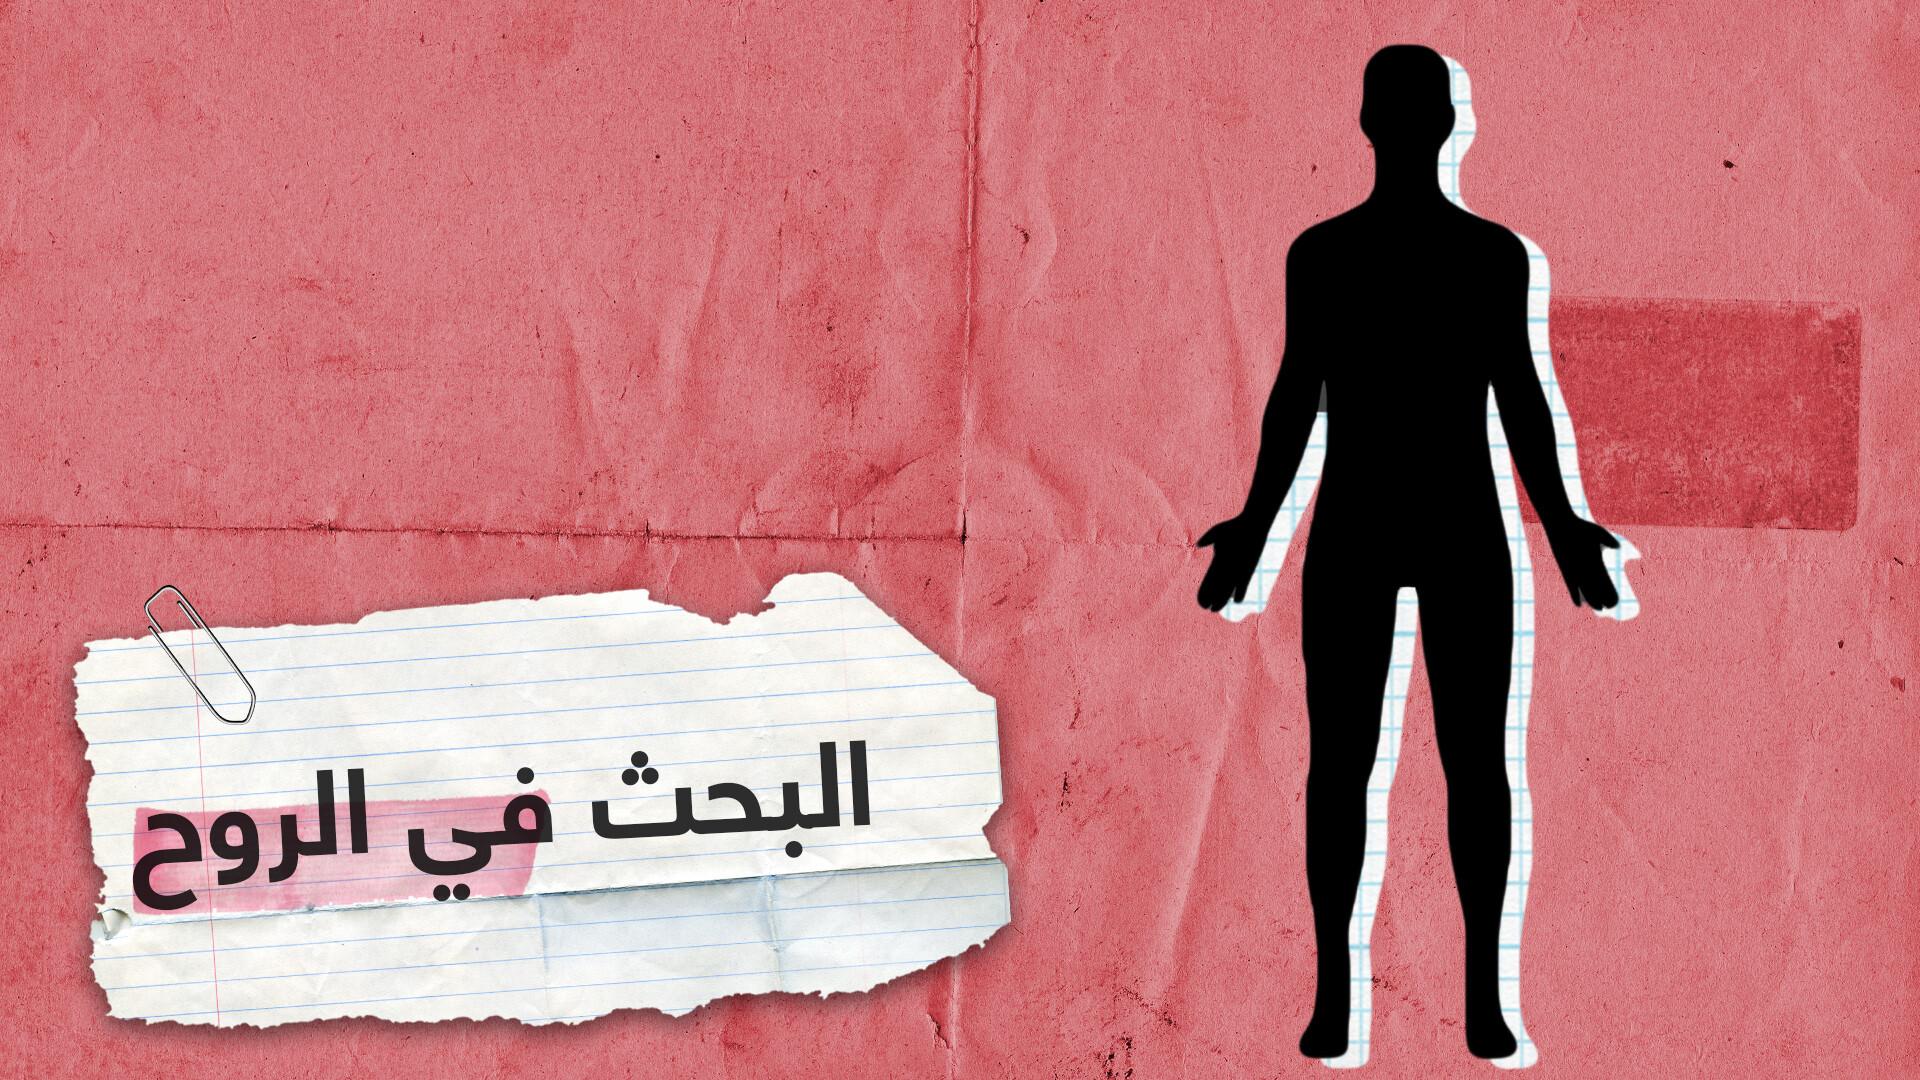 """الطب يبحث في """"الموت والروح"""".. ماذا يقول الدين؟"""